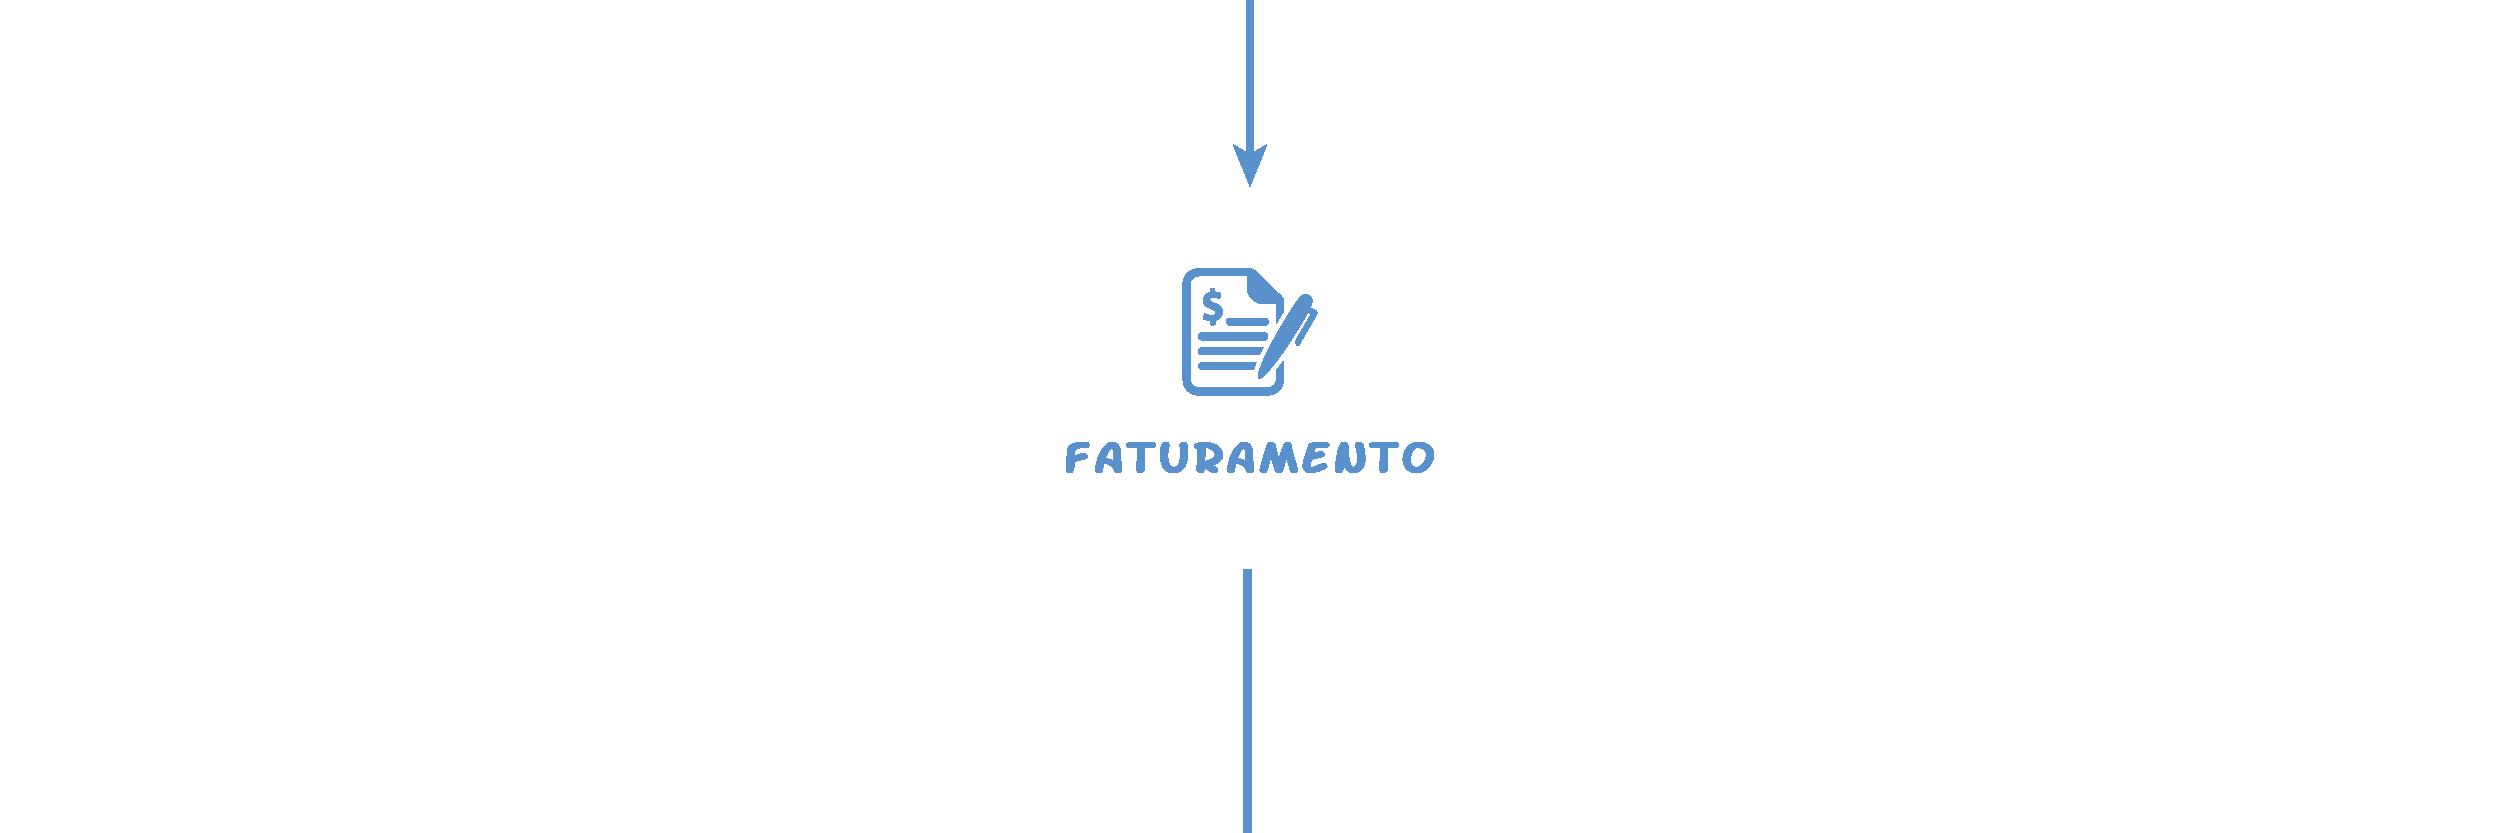 Passo 6: Faturamento - Operand